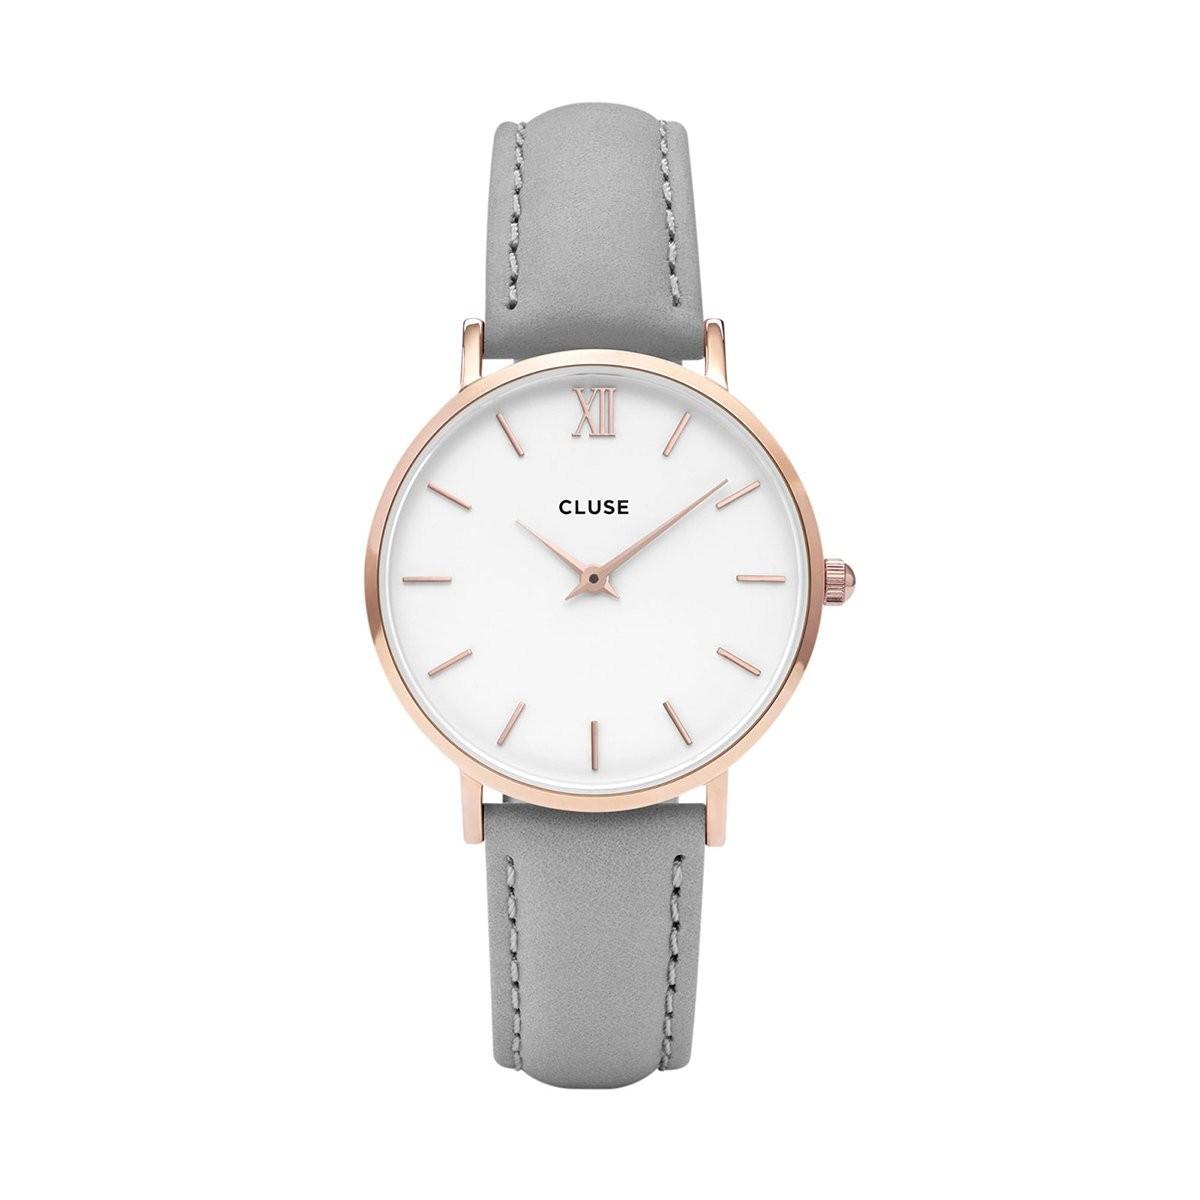 Šedé dámské hodinky Cluse - Minuit